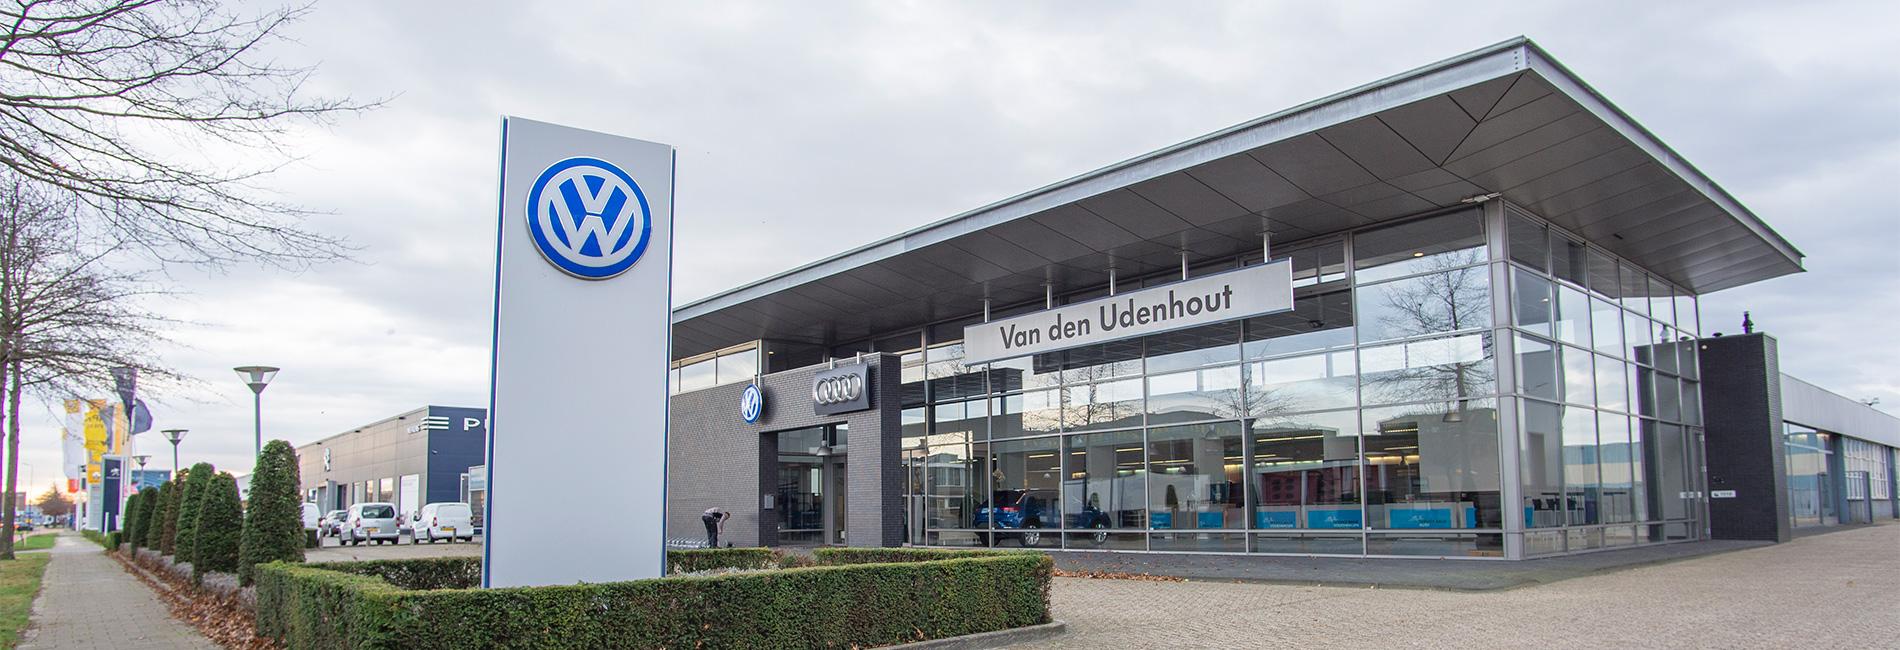 Dealer Van Den Udenhout Den Bosch Volkswagen Nl